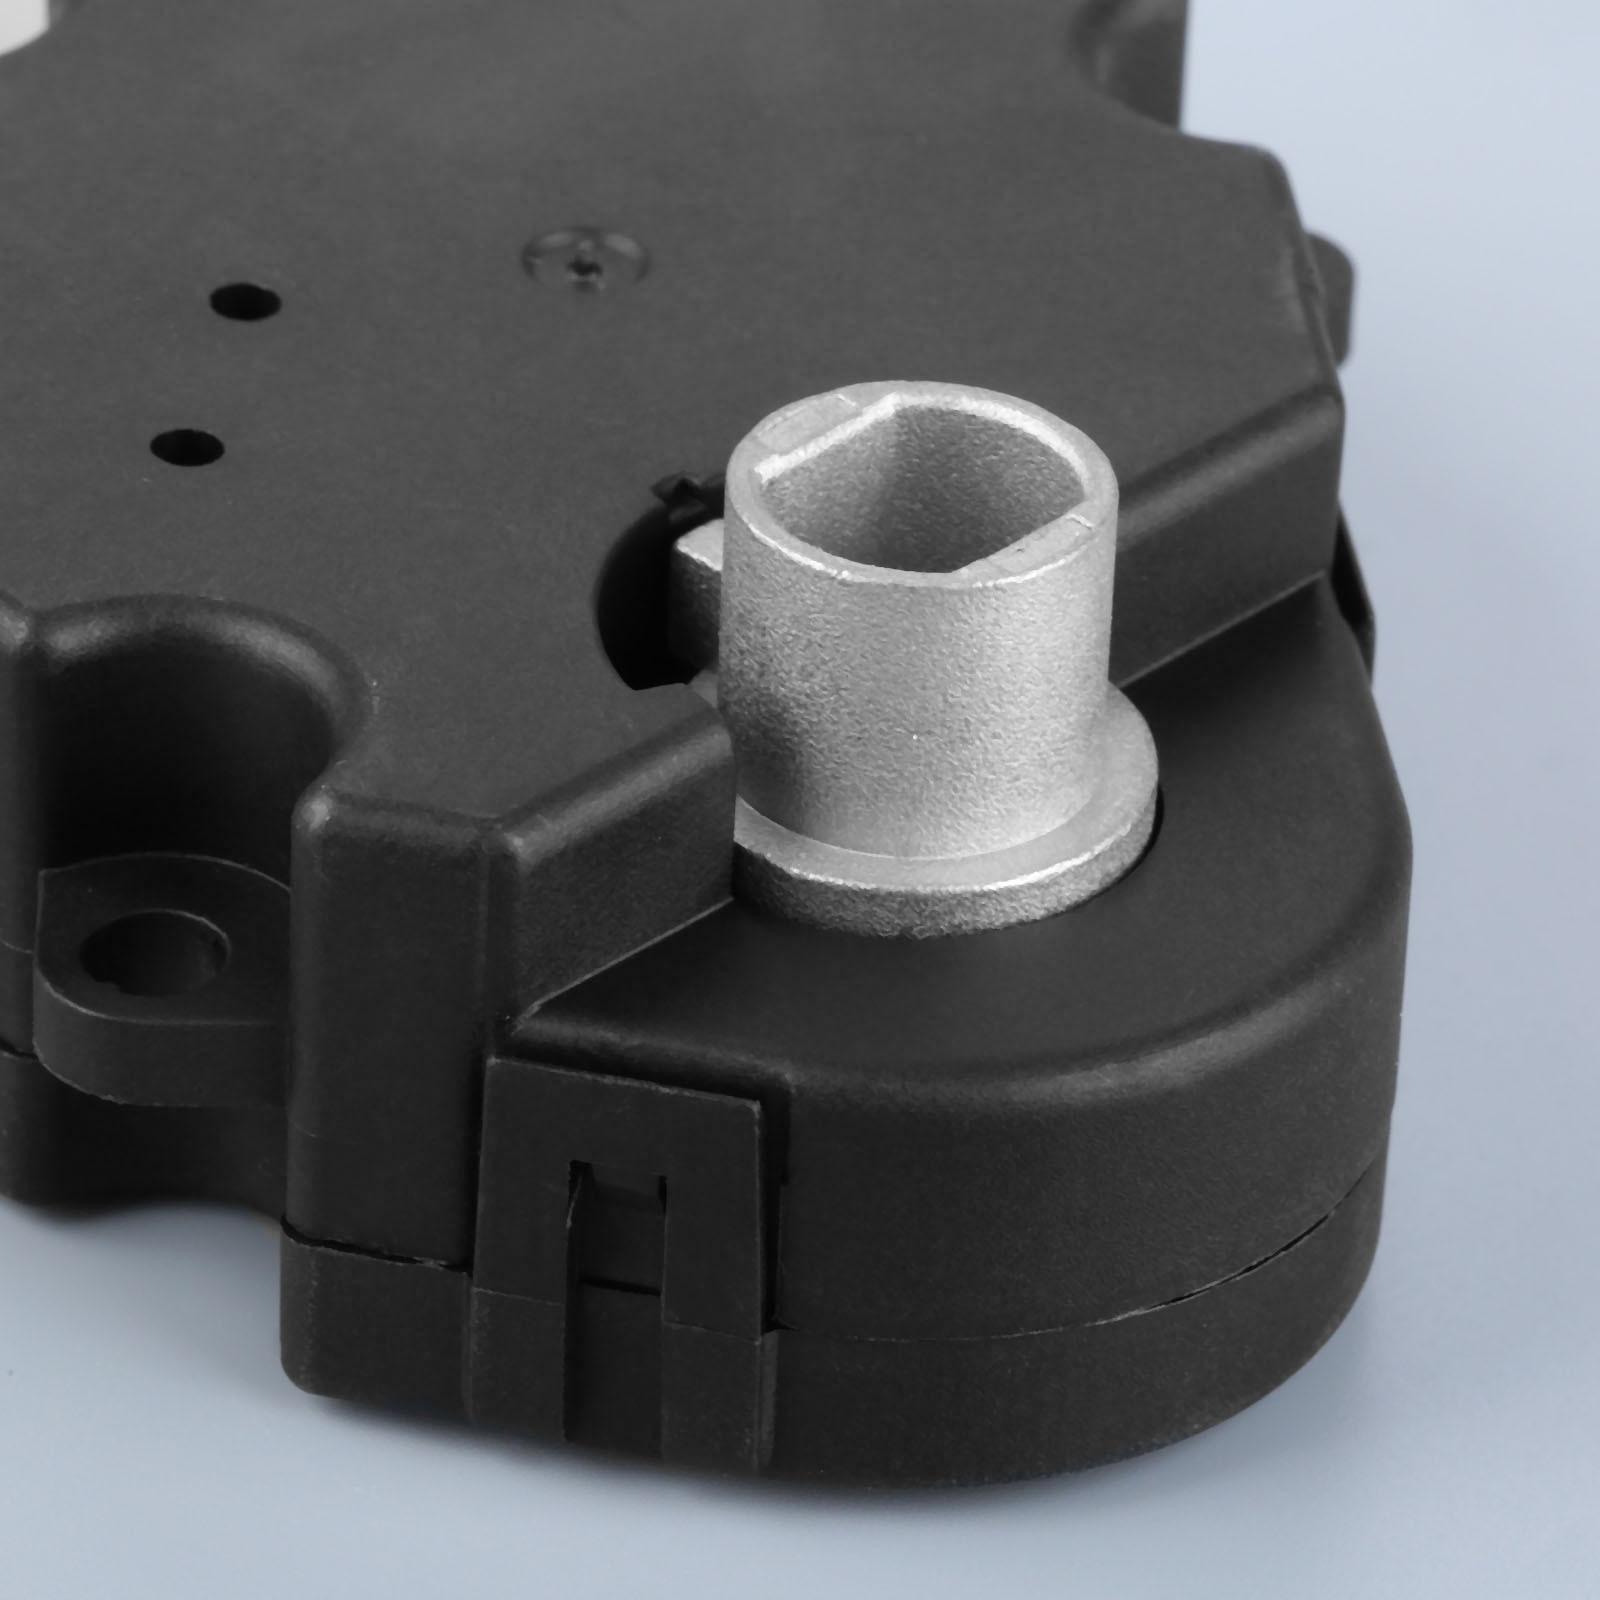 Image 2 - 15920864 HVAC нагреватель смесь воздуха дверной привод 604 141 для Buick Enclave GMC Acadia Saturn Outlook-in Детали для обогревателя from Автомобили и мотоциклы